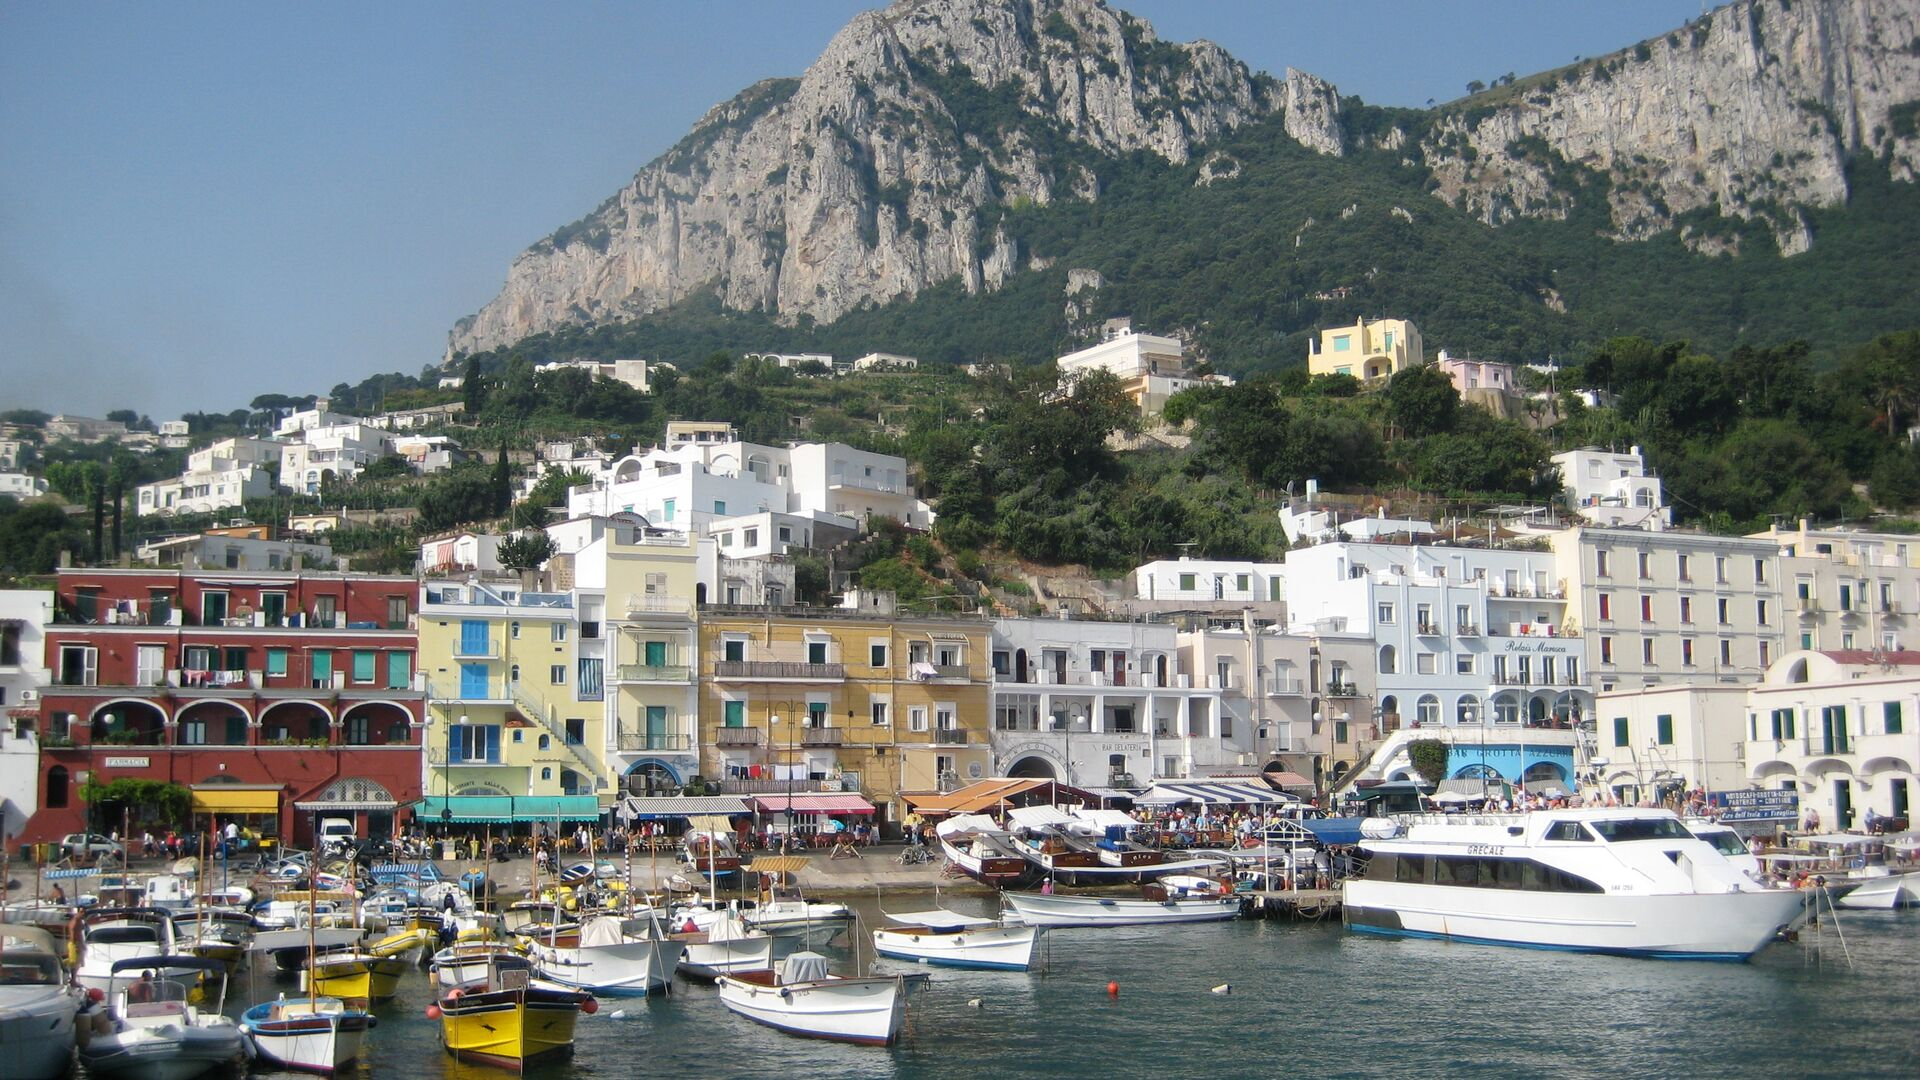 Il porto di Capri - Sputnik Italia, 1920, 22.07.2021